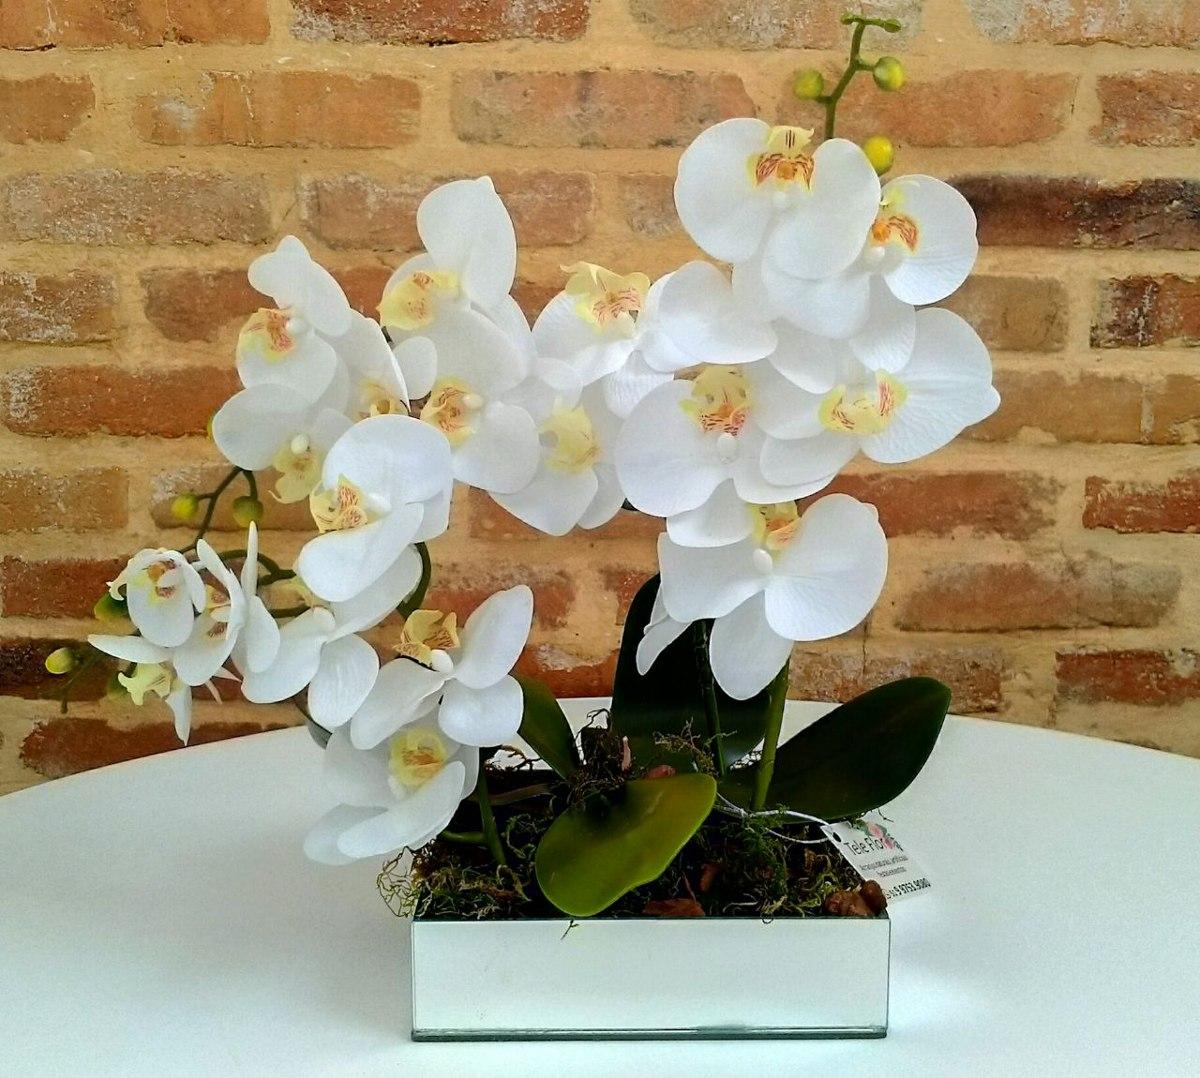 Orquídeas Arranjo De Flores Artificiais, Decoraç u00e3o De Fest R$ 145,00 em Mercado Livre -> Decoração Arranjos De Flores Artificiais